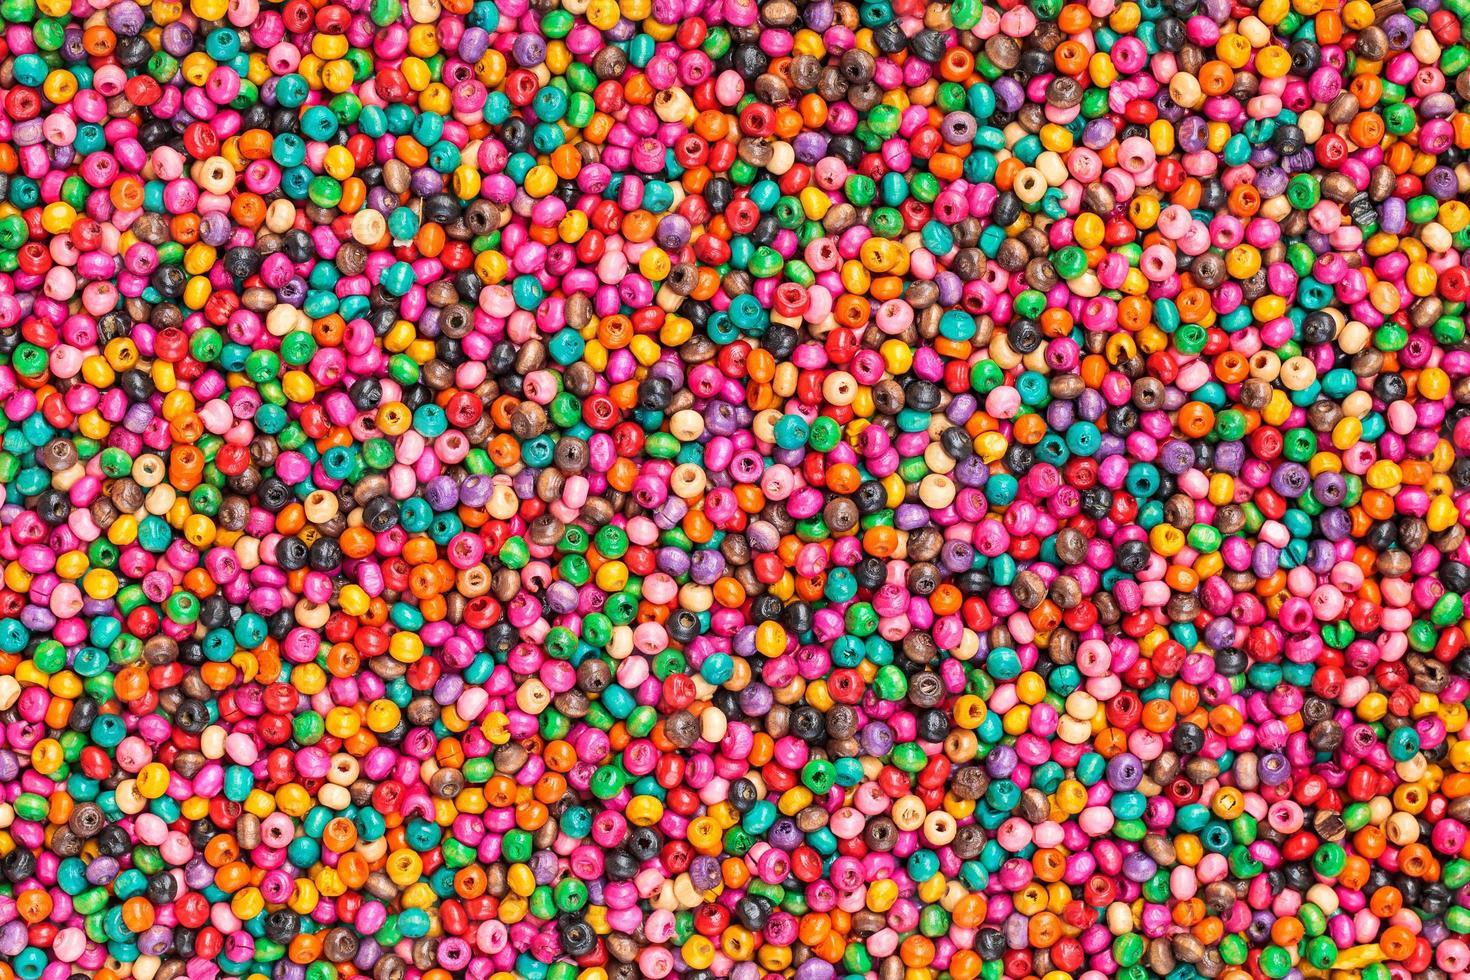 bunte Perlen, Hintergrund foto